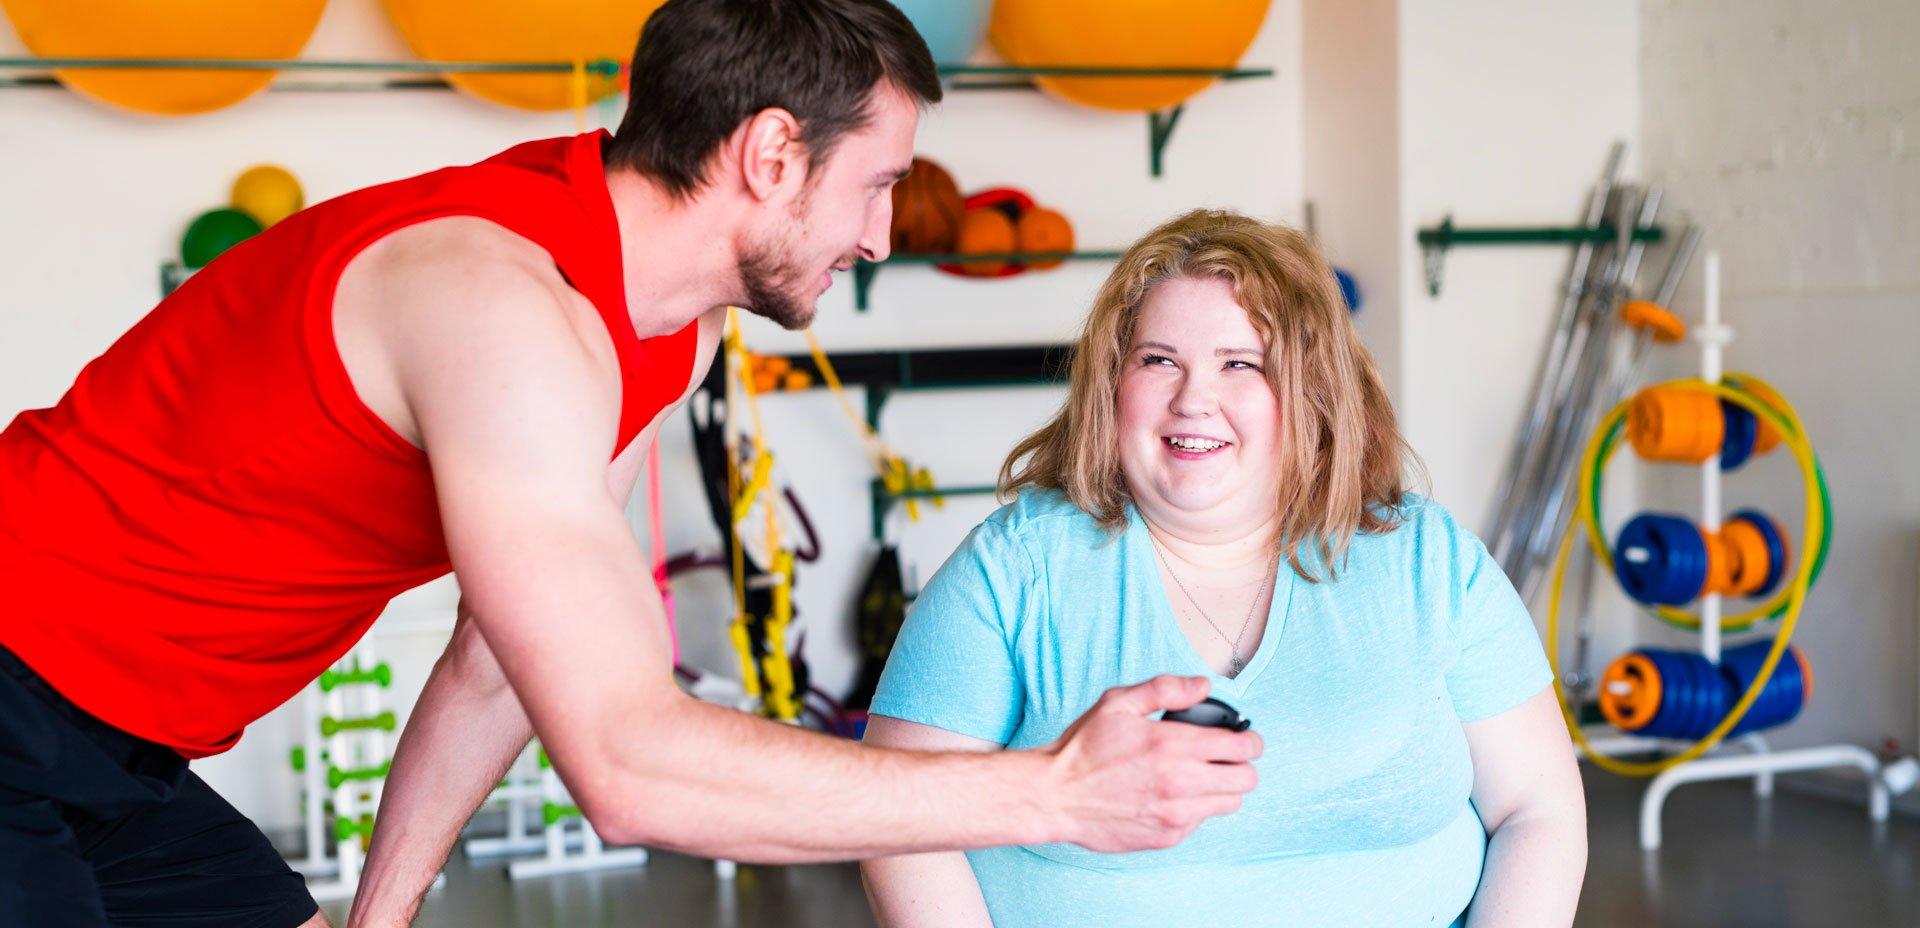 esercizio fisico e dimagrimento